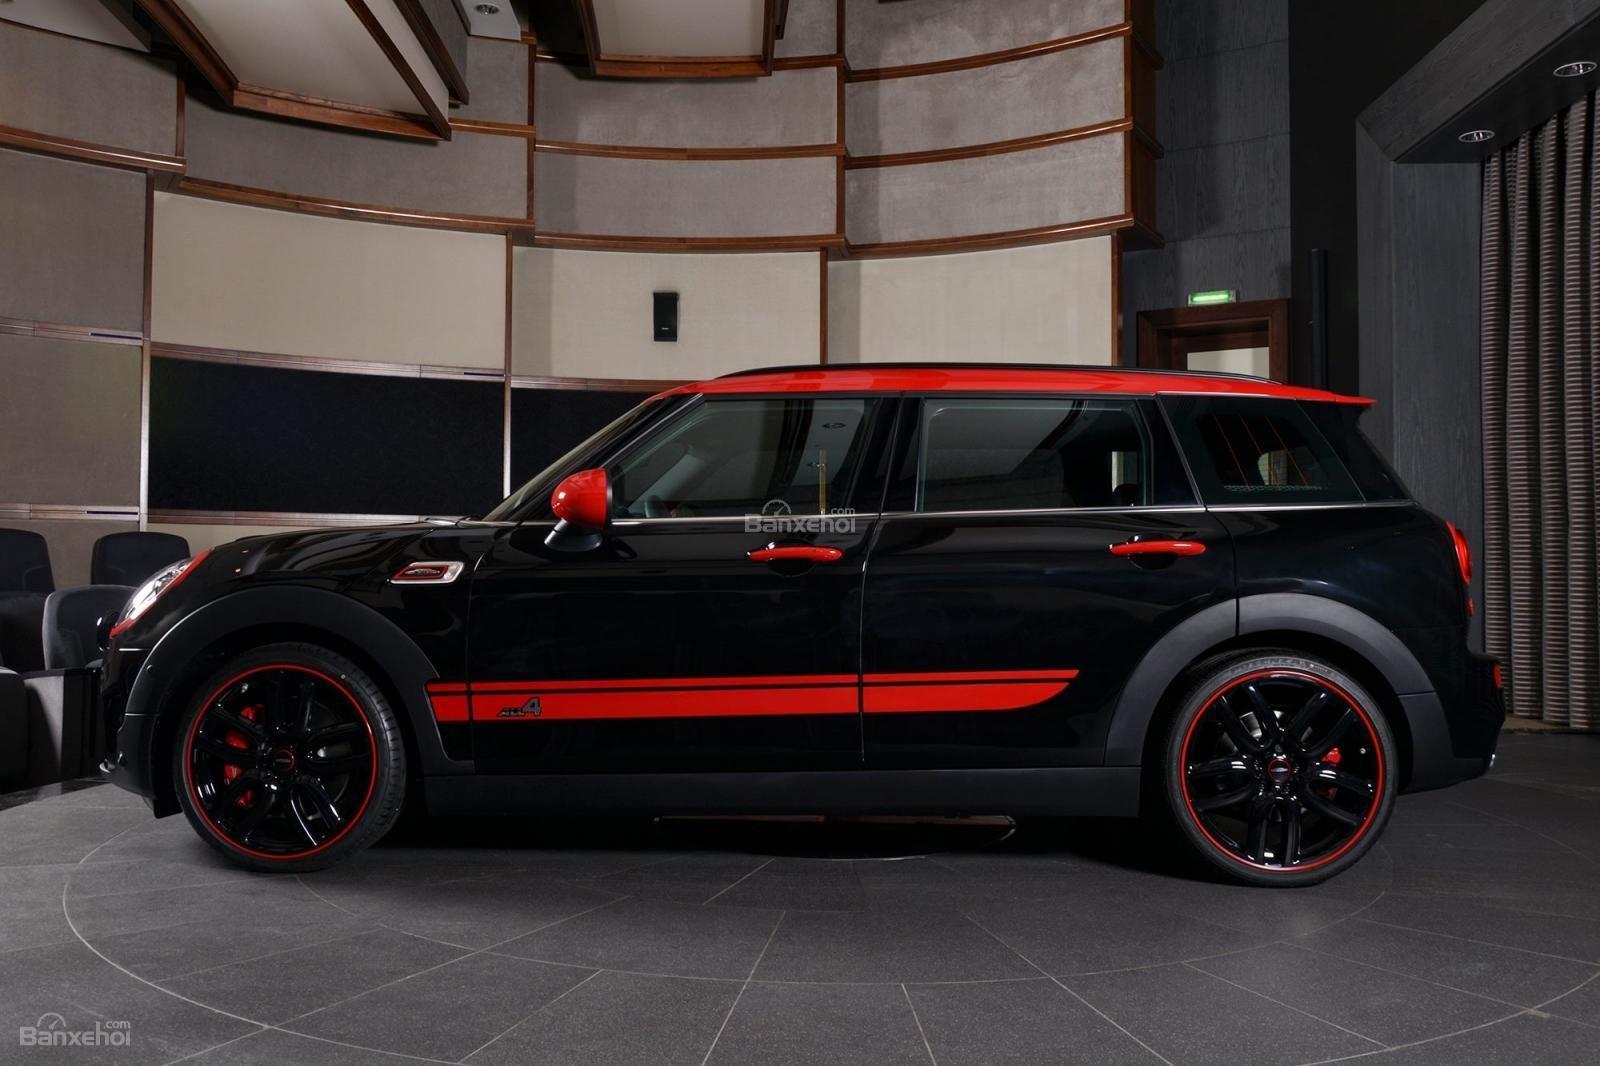 Bán xe Mini Clubman John Cooper Work 2019, màu Midnight Black nhập khẩu từ Anh Quốc-2